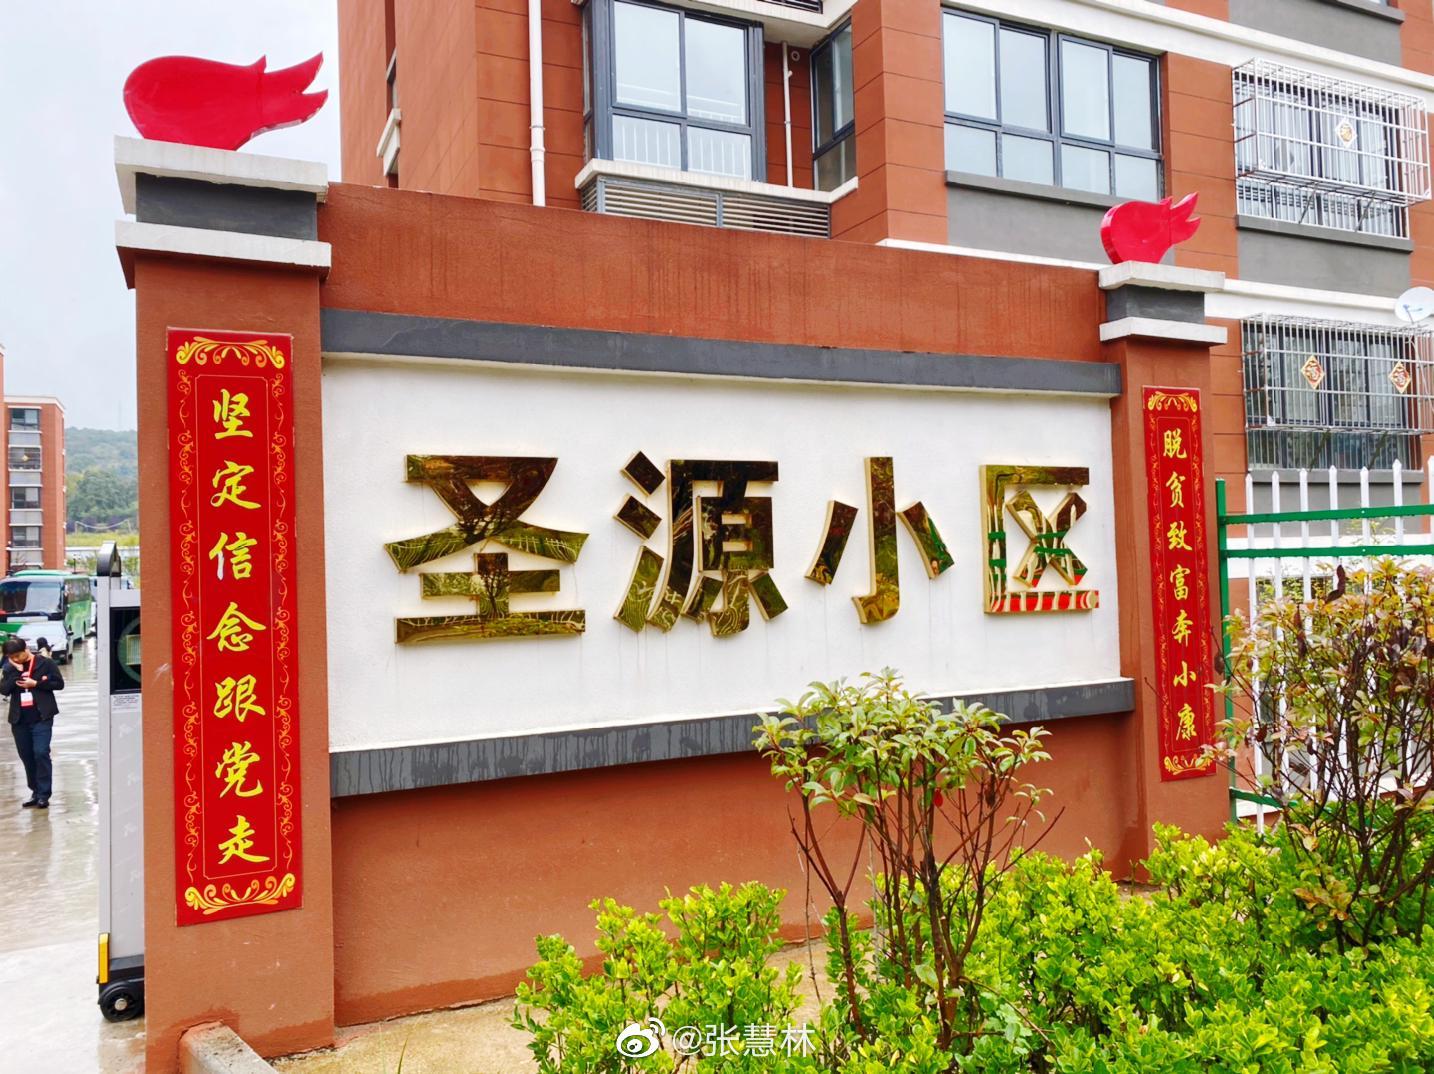 照金村社区工厂位于照金镇照金村圣源小区,总建筑面积1314平方米